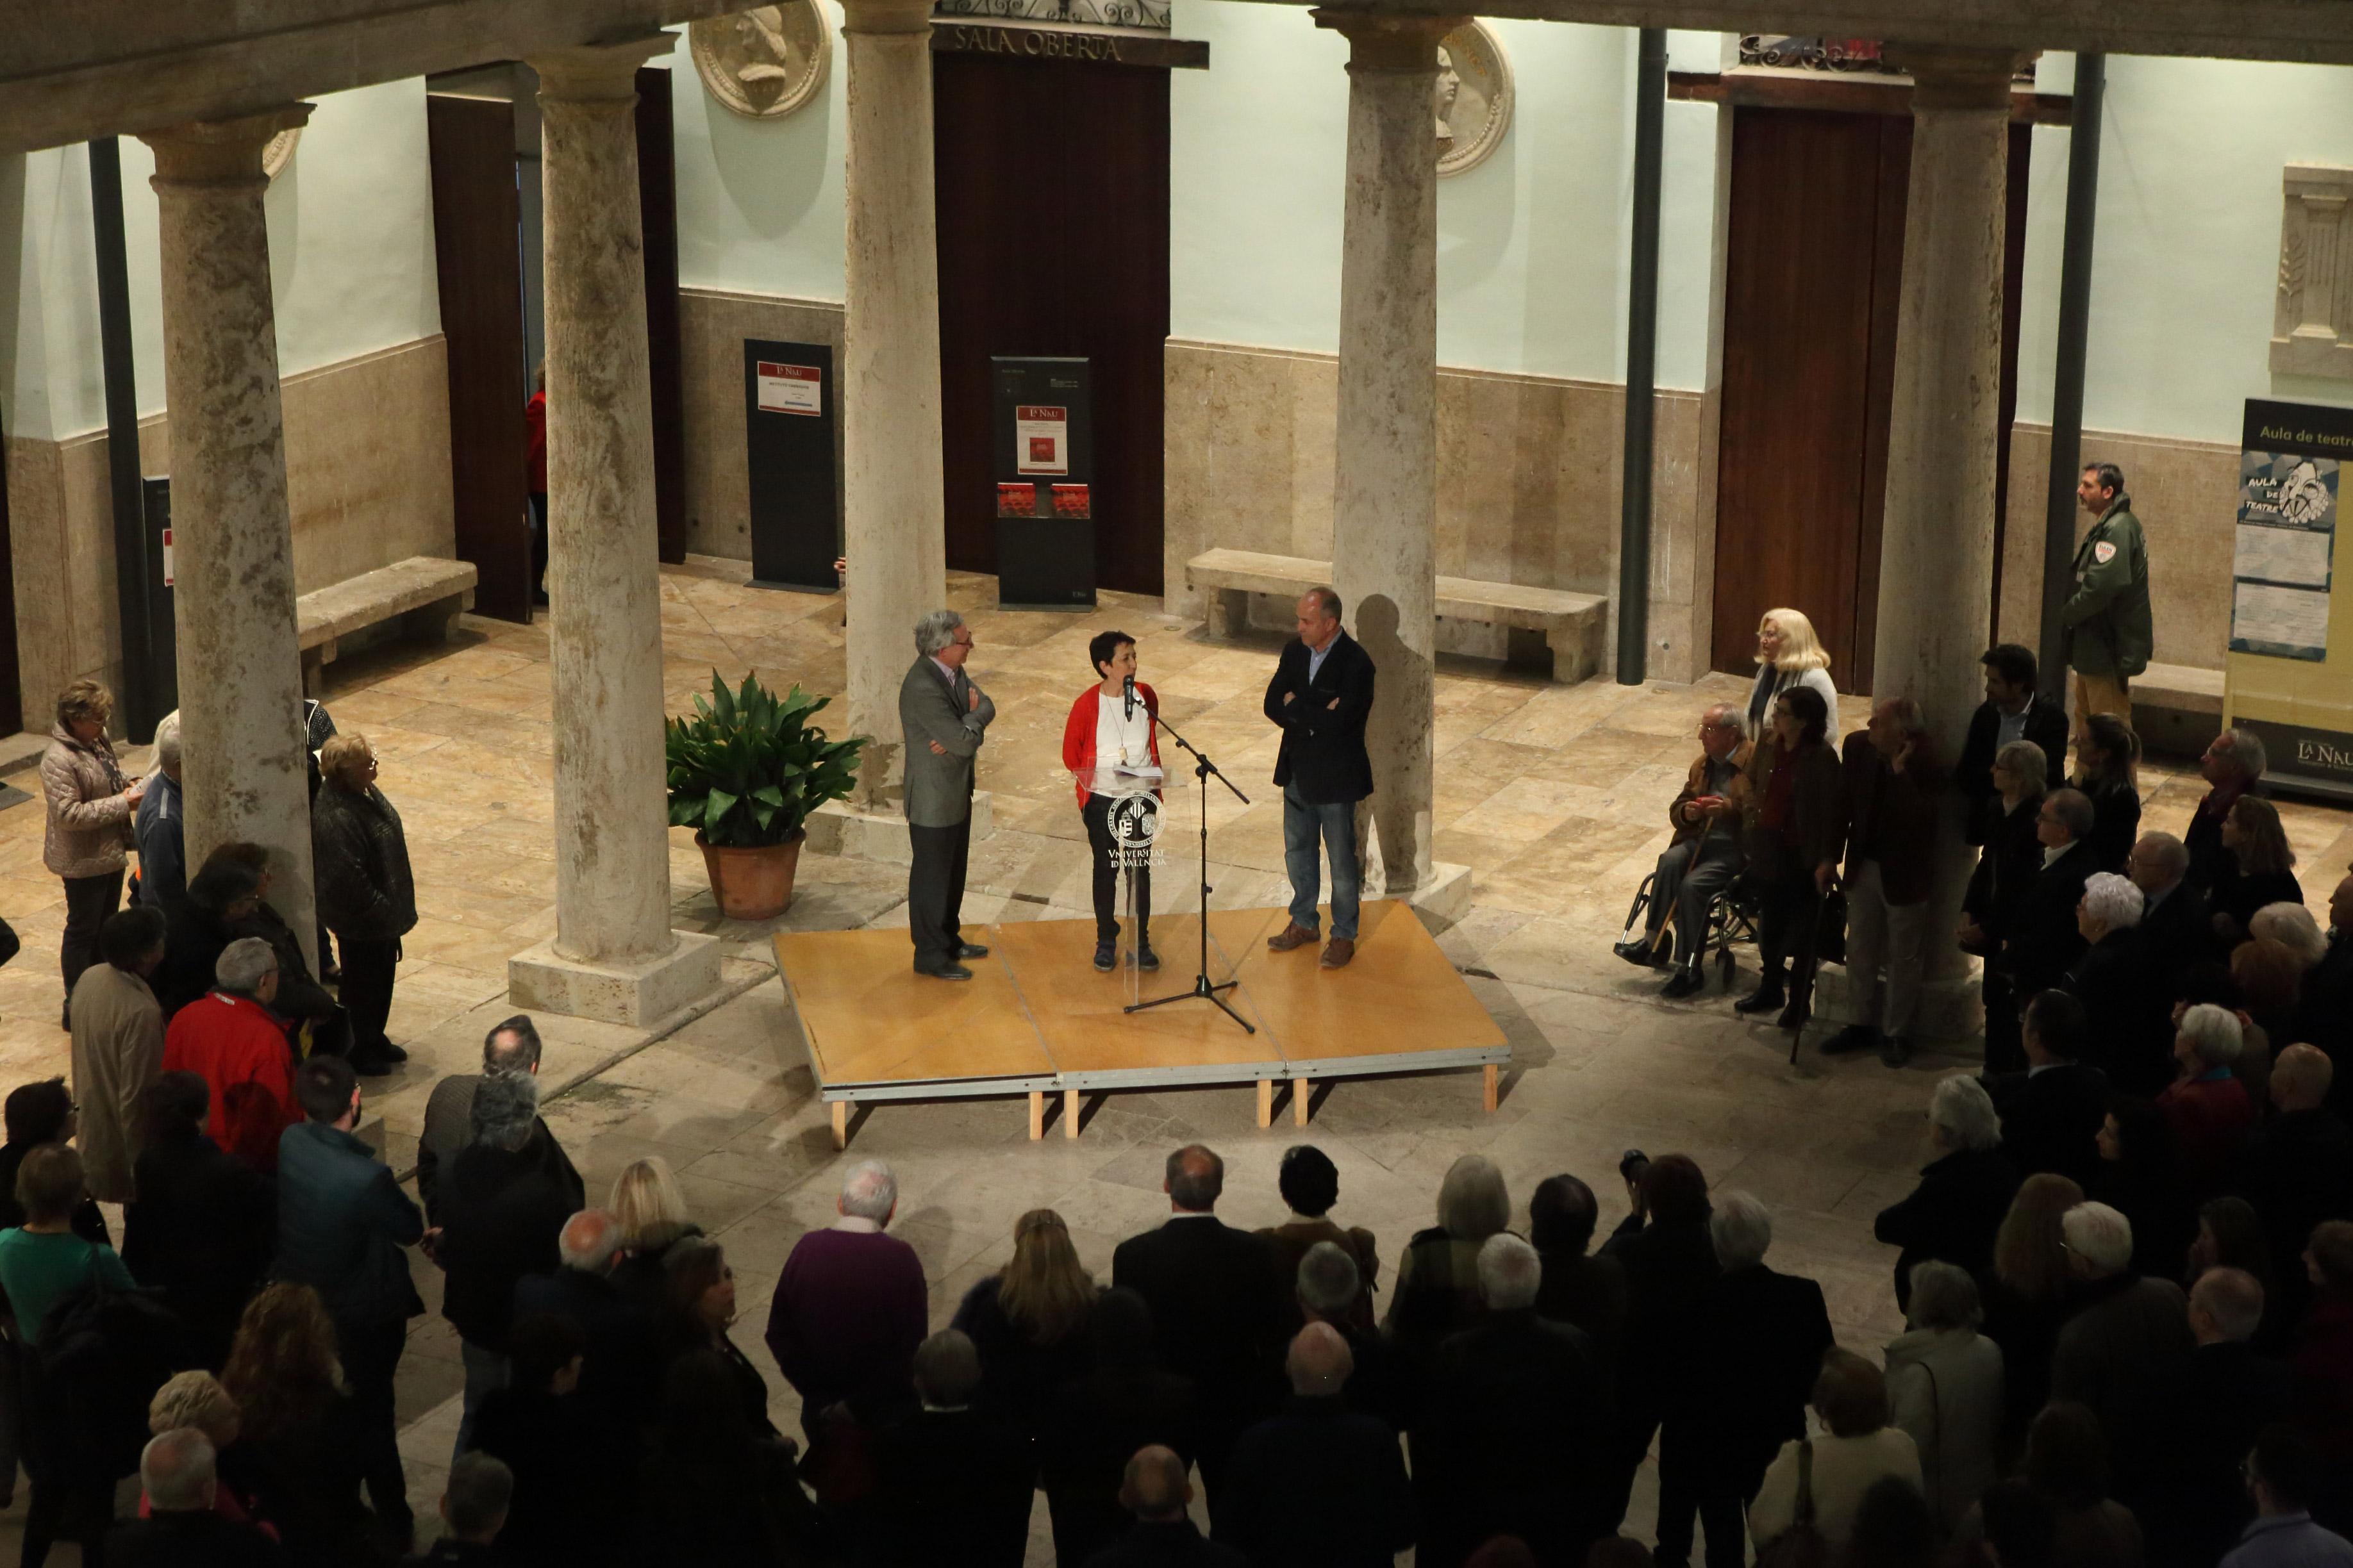 Exposición Teatro Olympia 100 años en Escena